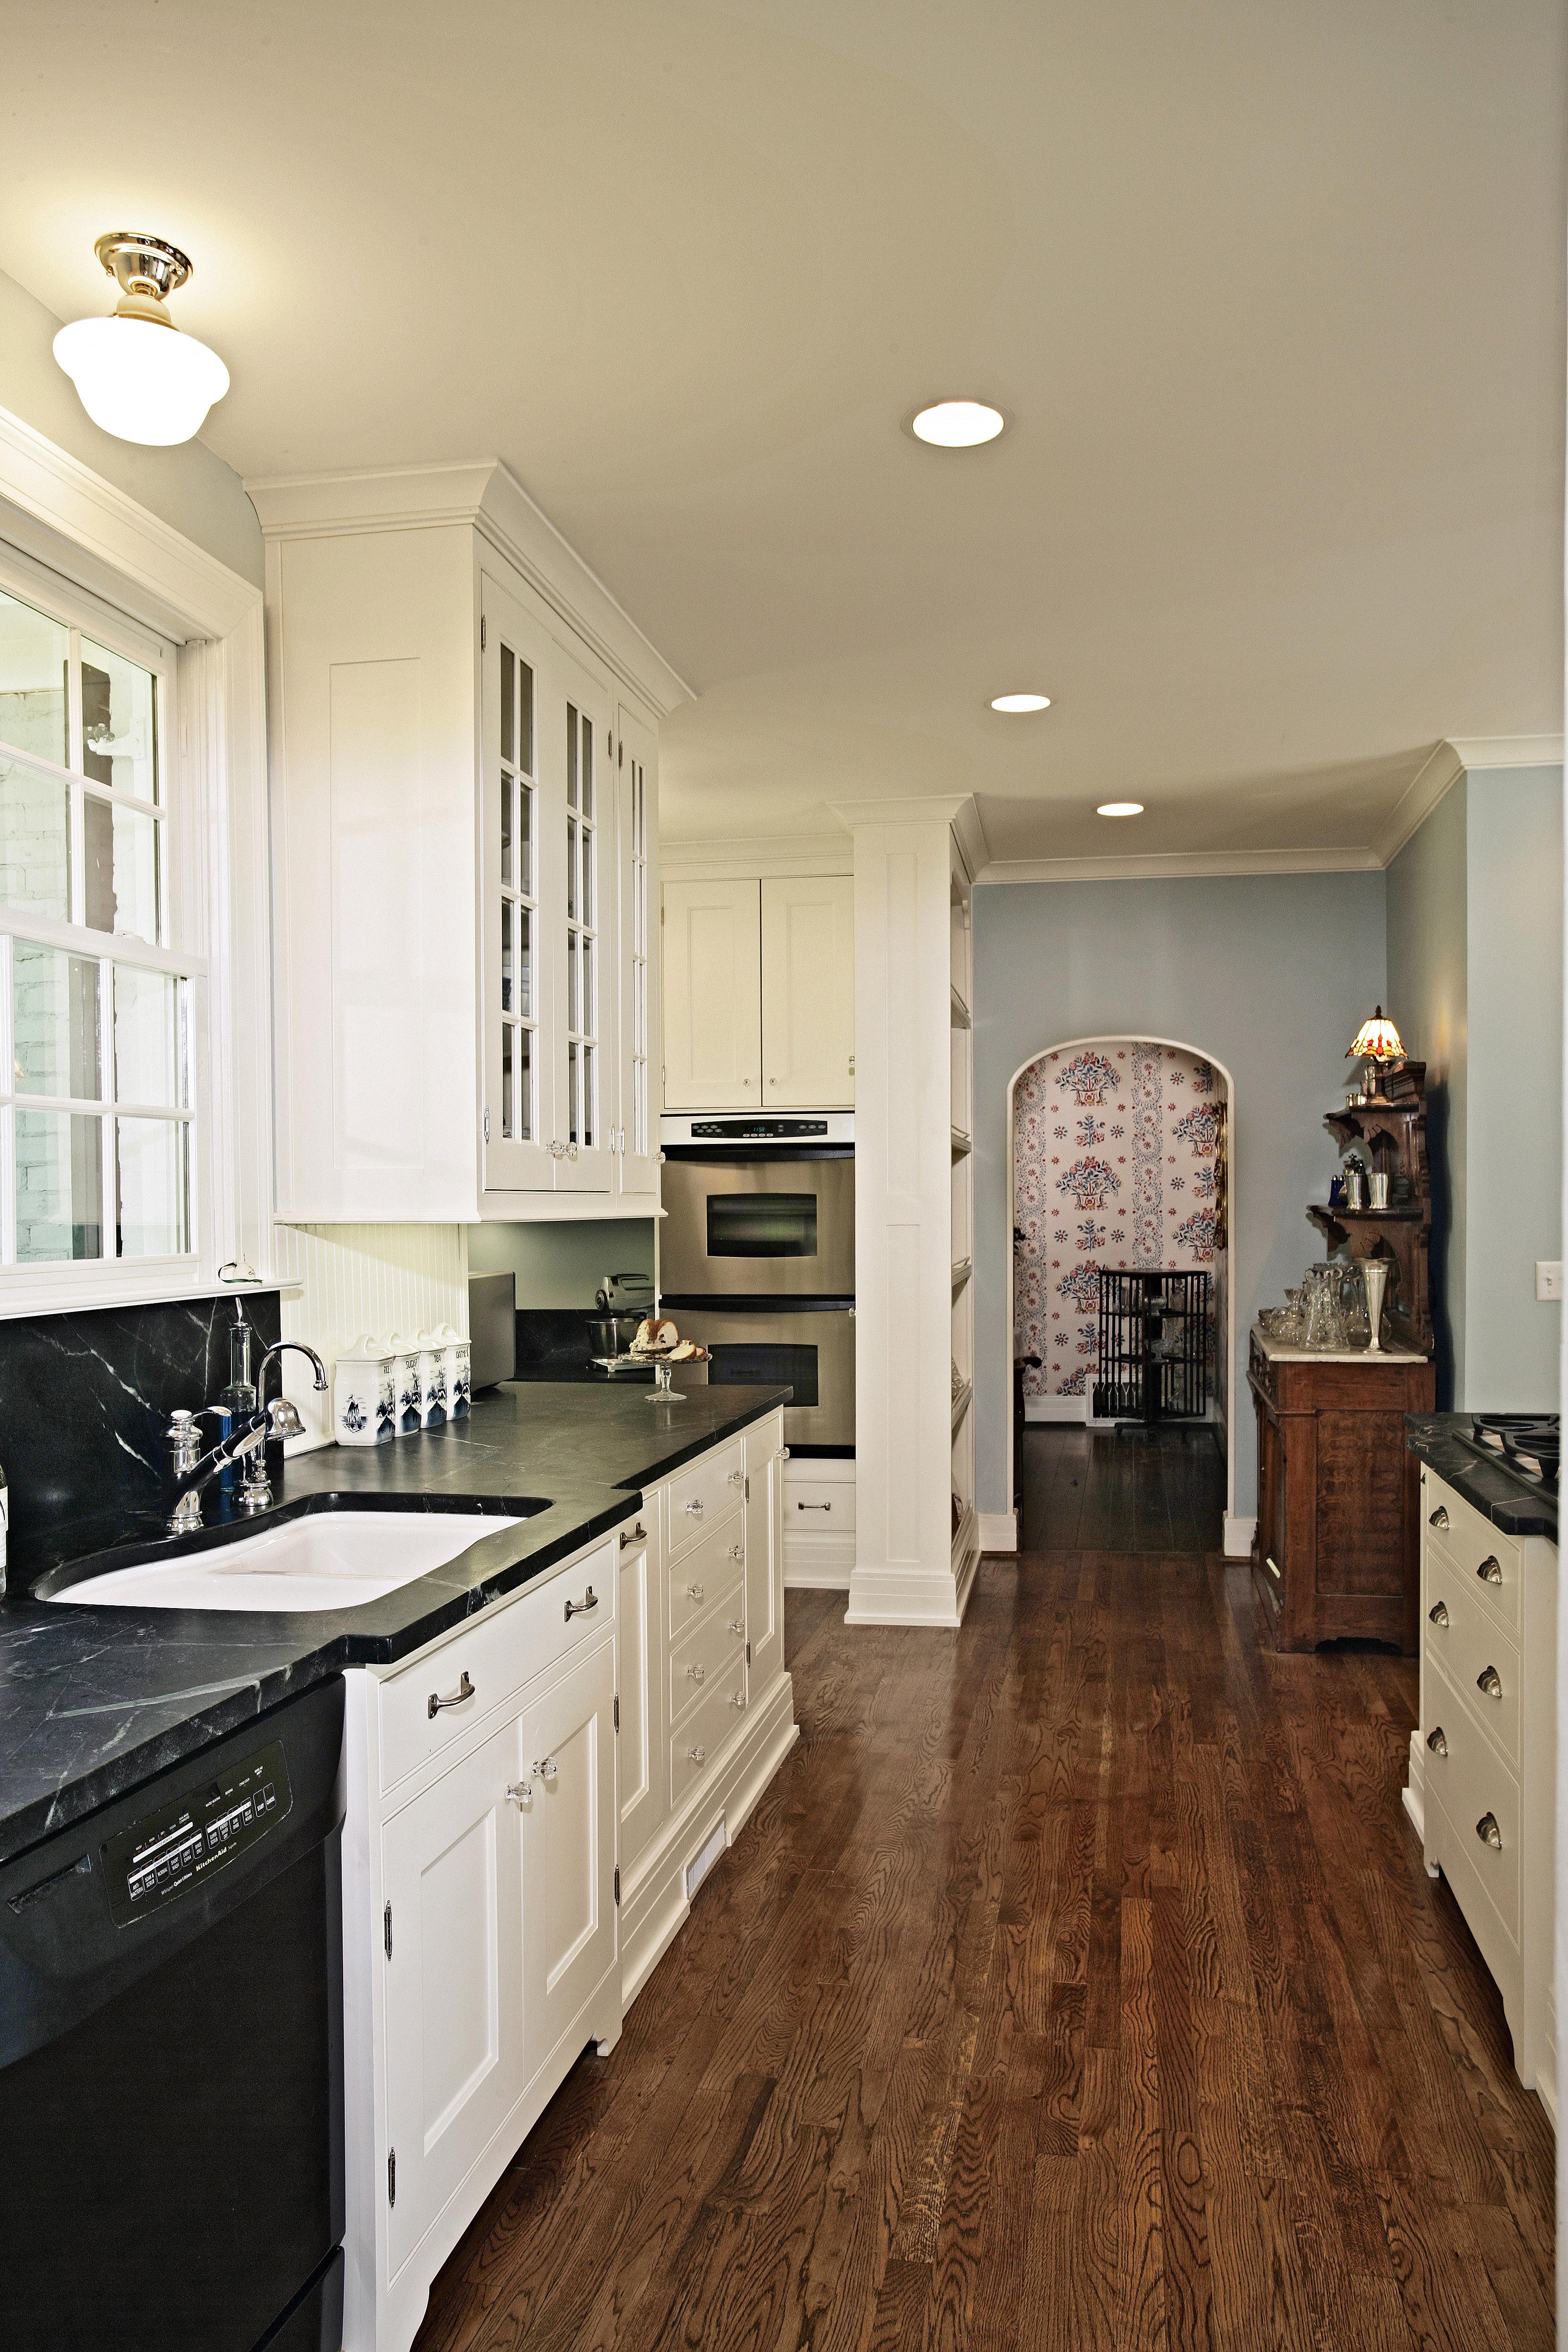 Kitchen sink bynum design blog - Kitchen design blog ...